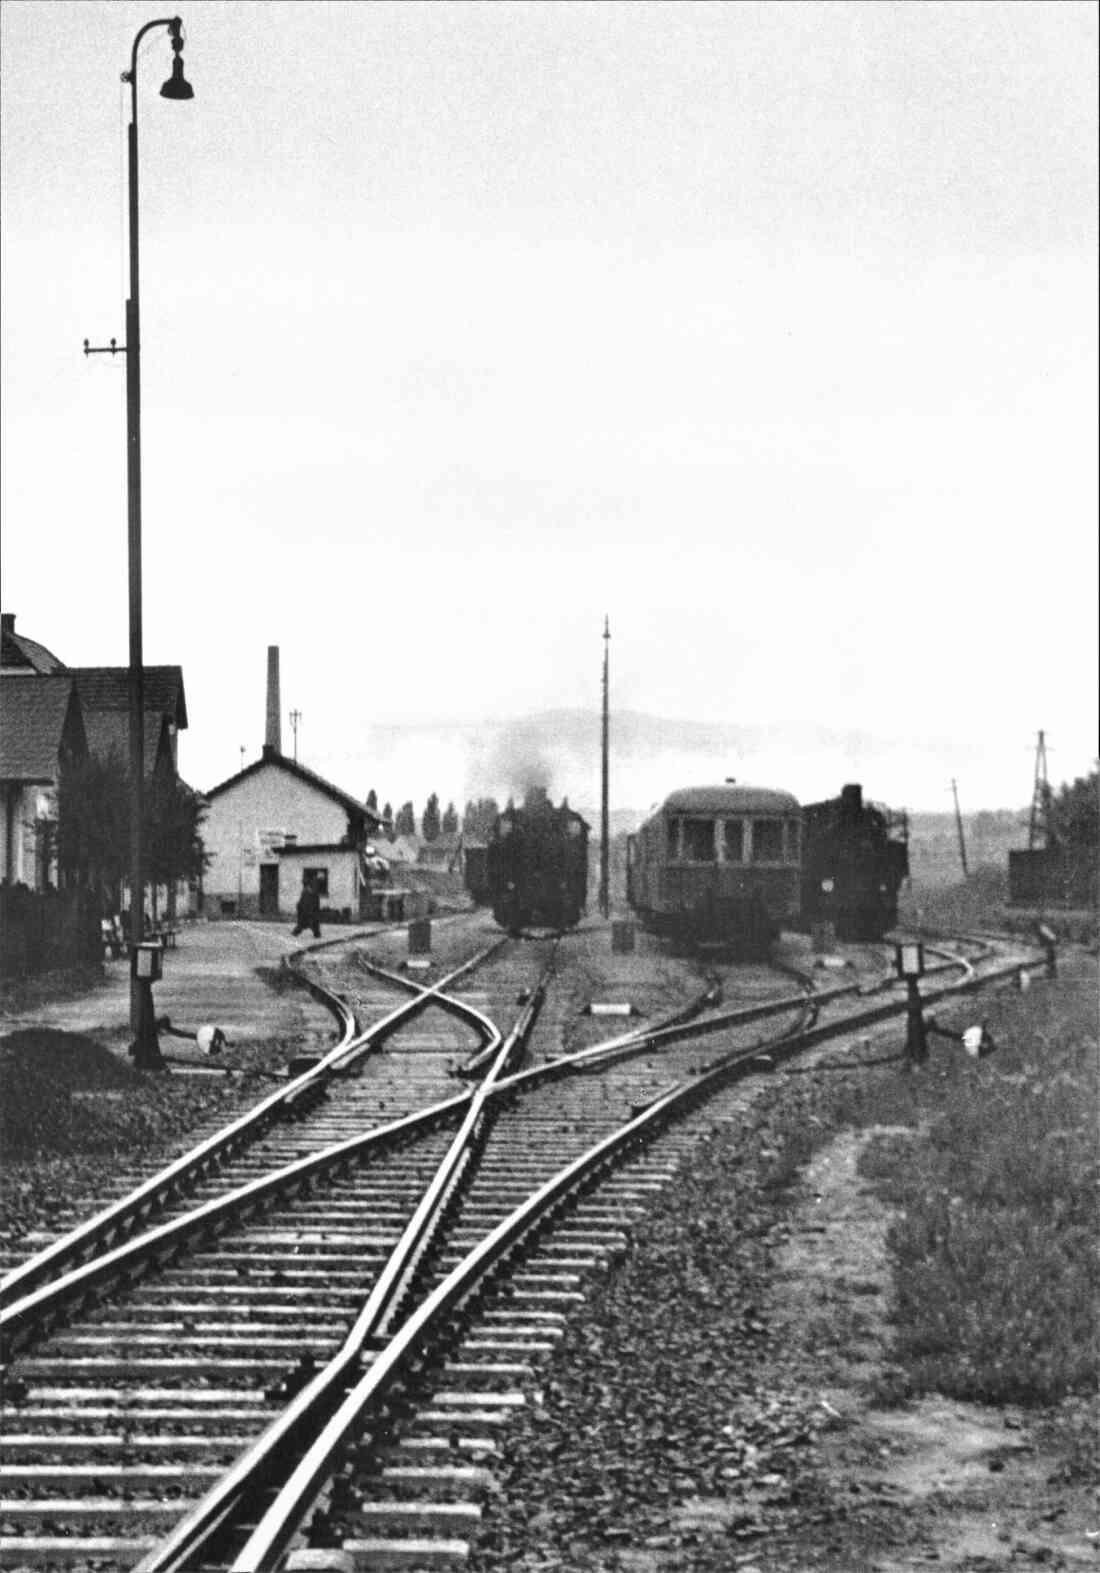 Bahnhof mit Triebwagen und Dampfloks